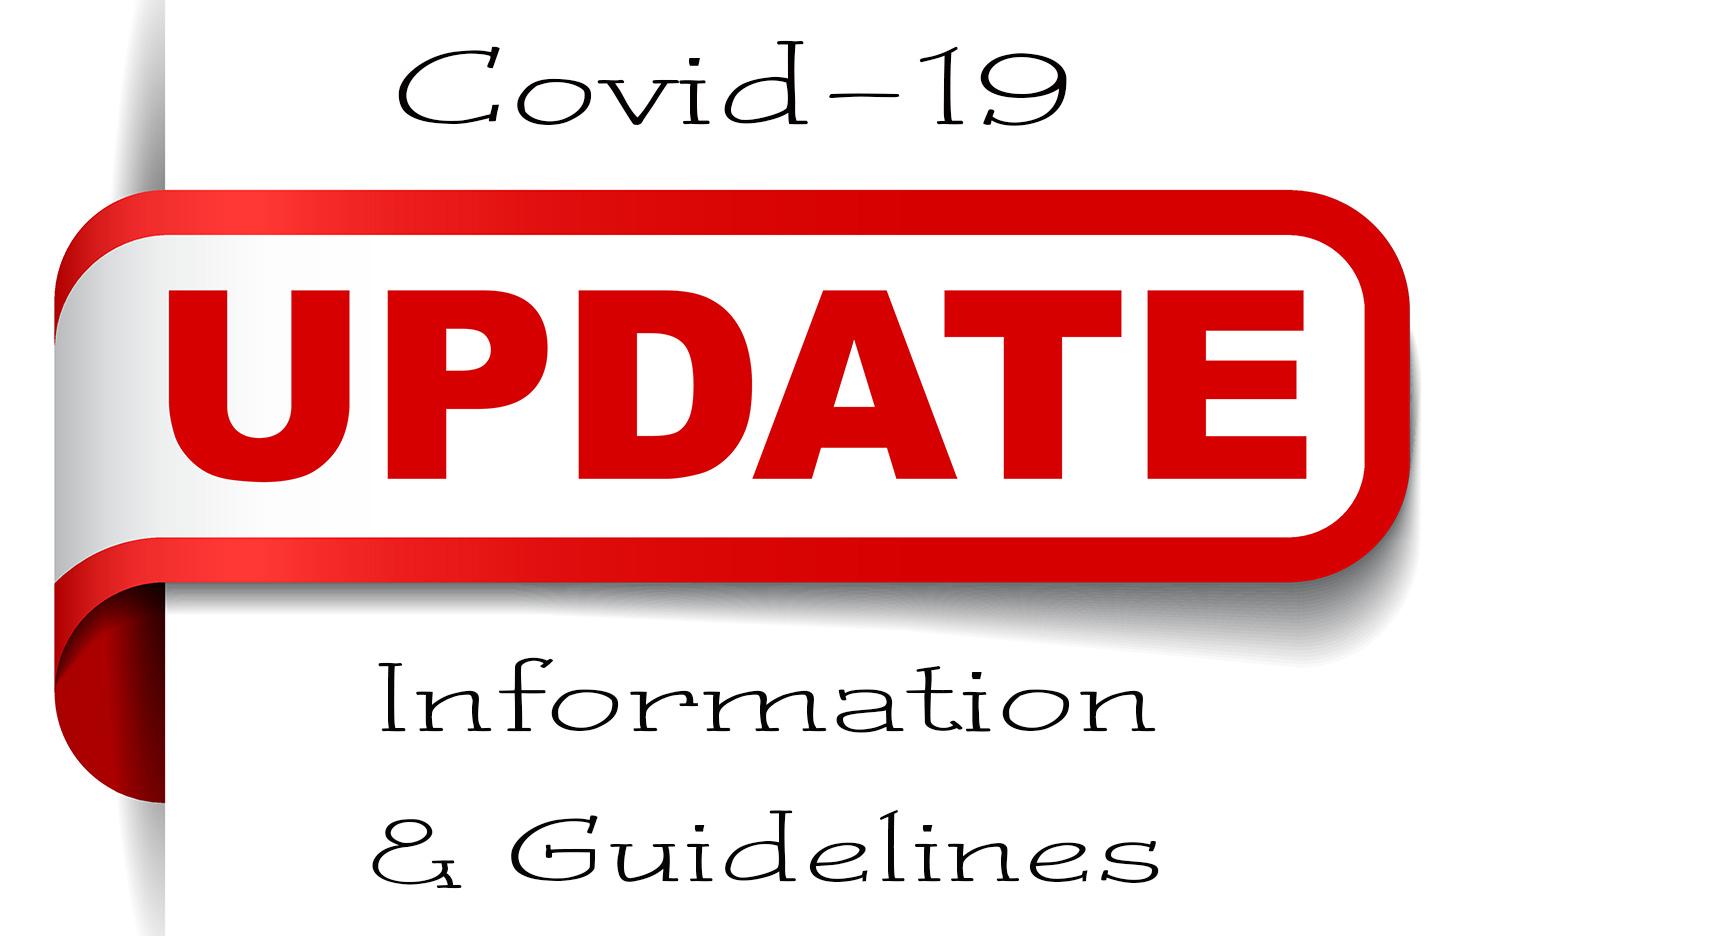 Covid-19 Update (3.30)